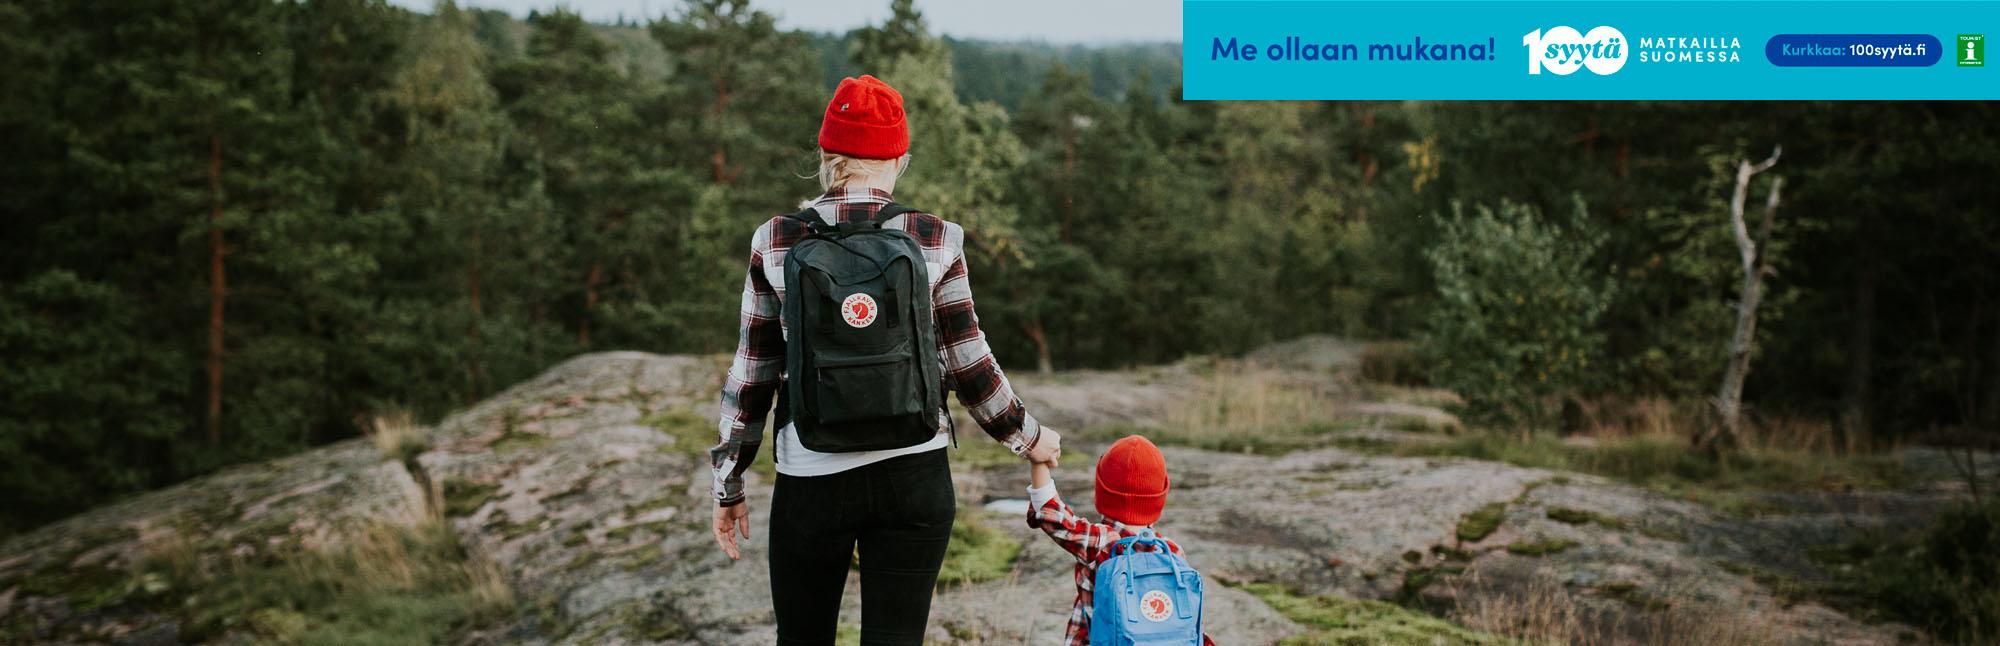 Visit Espoo on mukana 100-syytä matkailla Suomessa -kampanjassa